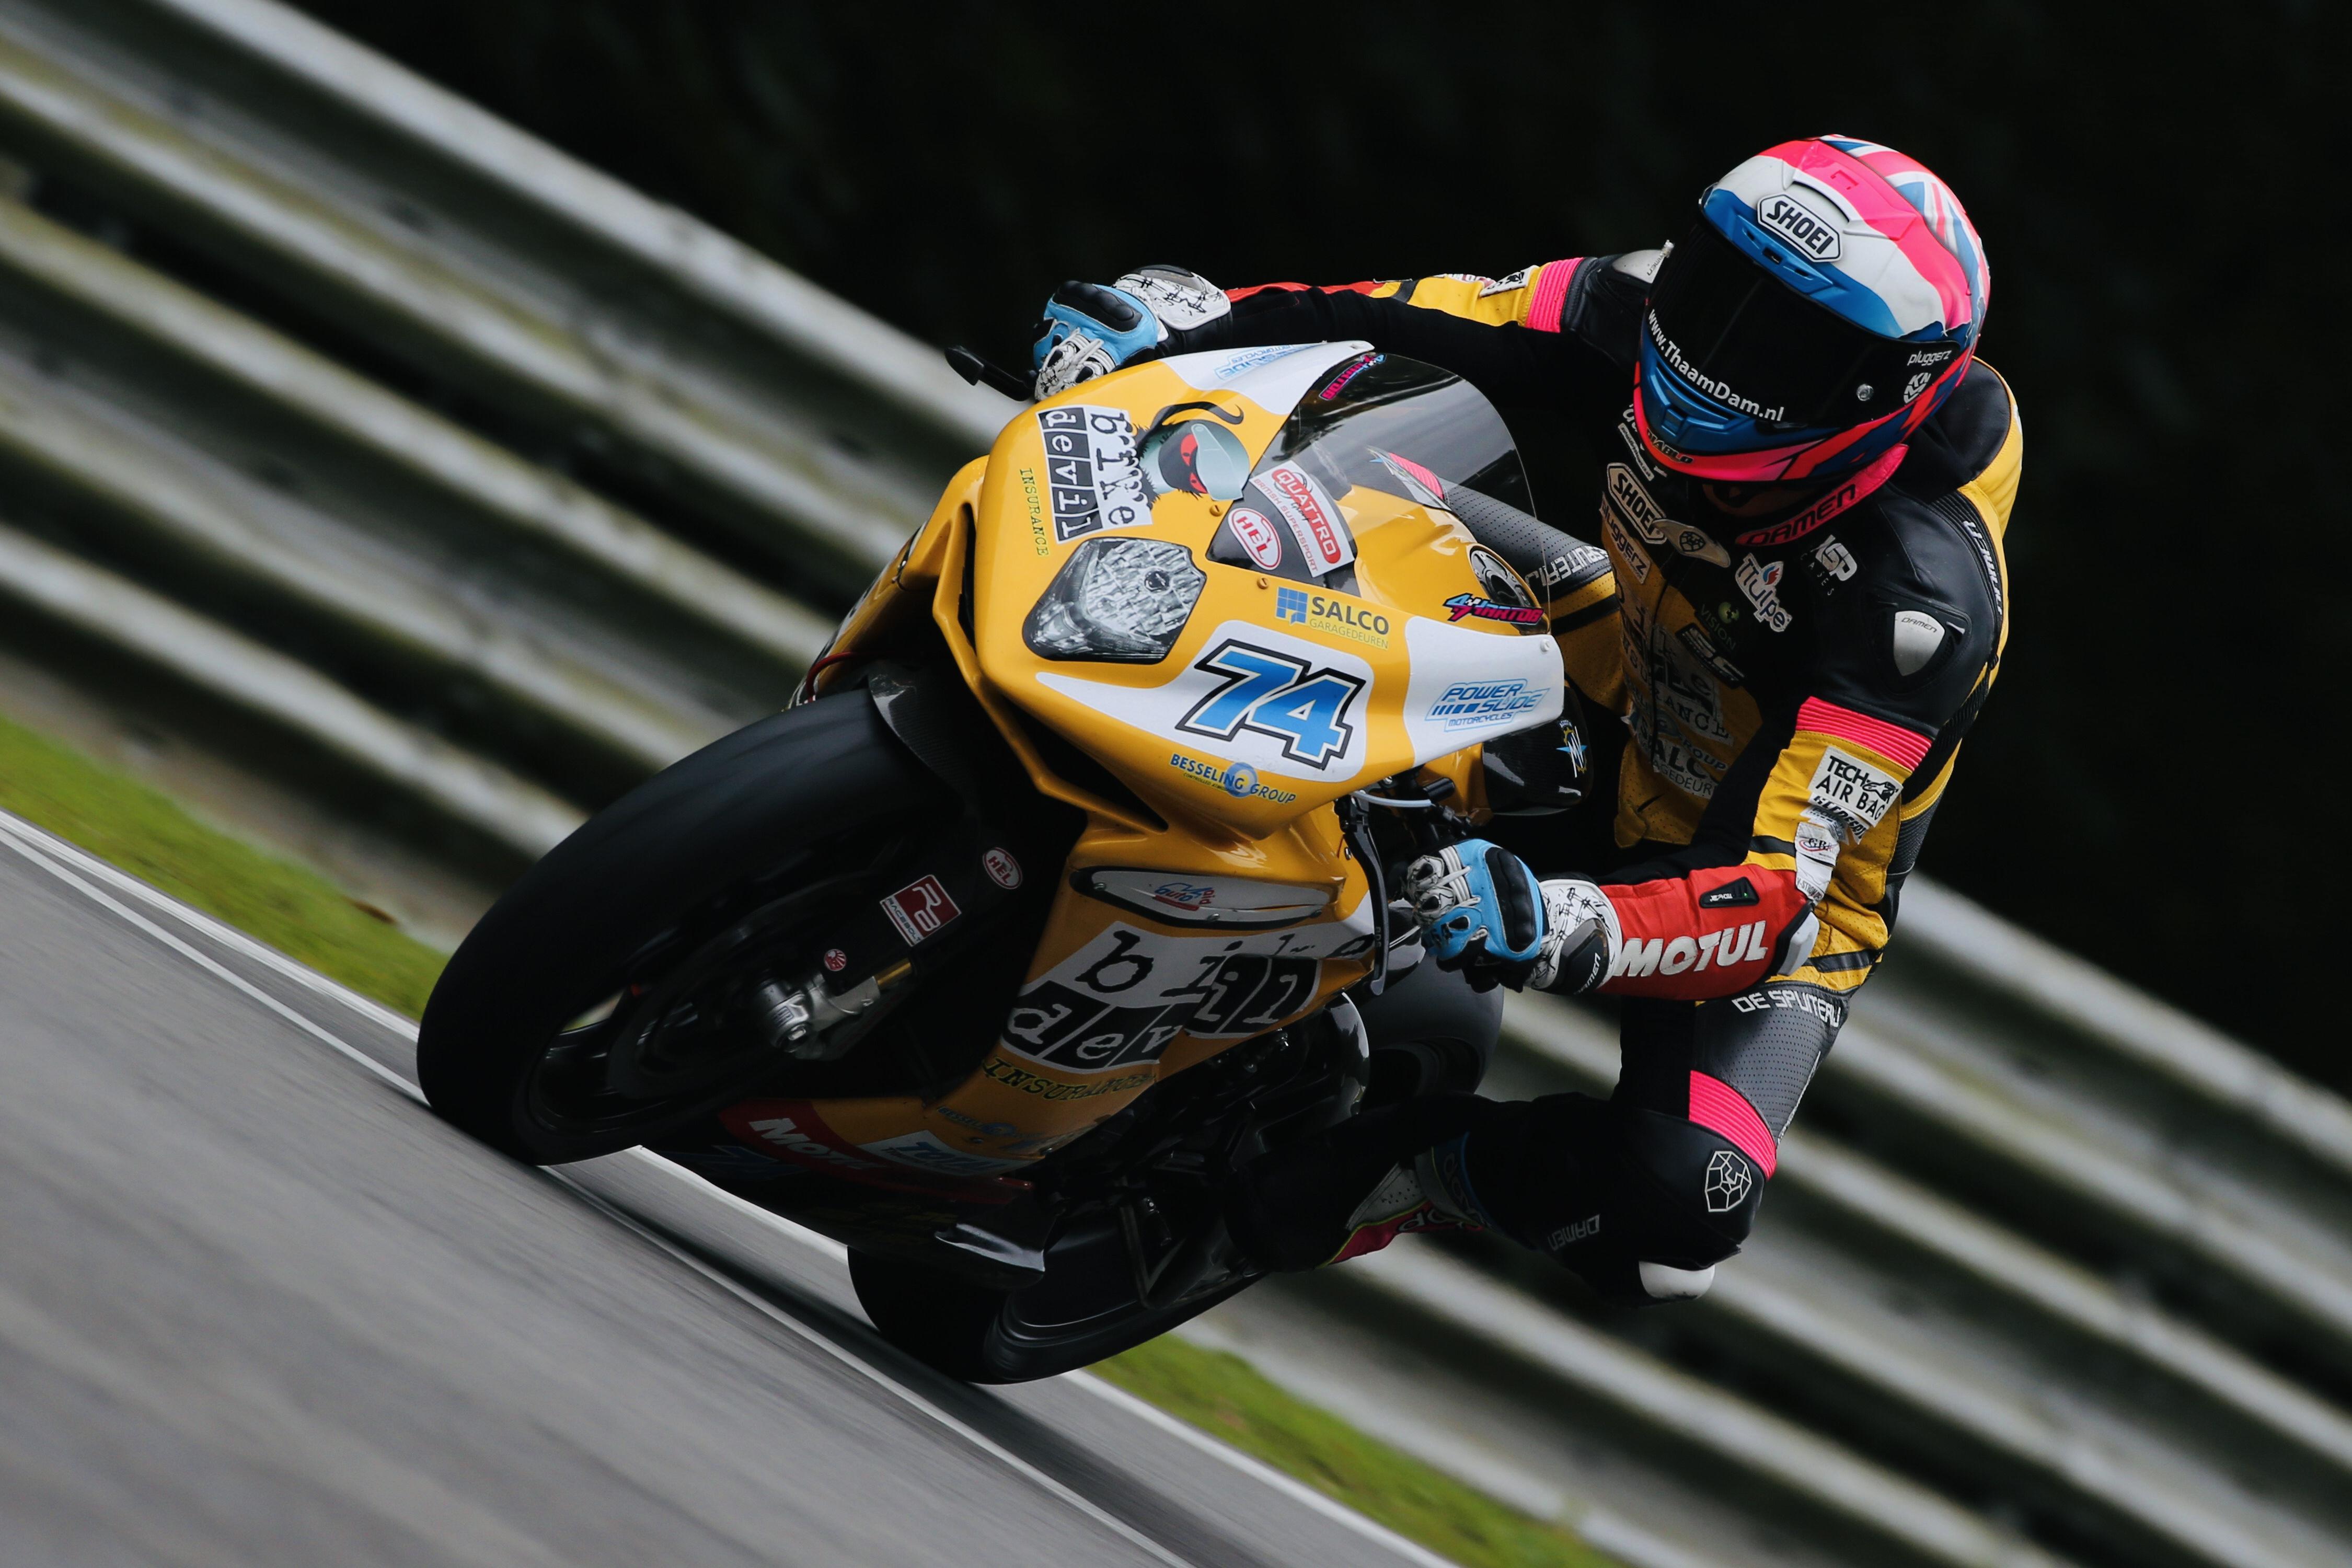 Op een voor hem onbekende motor, op circuits waarop hij niet eerder racete én voor een nieuw team sluit Rob Hartog zijn eerste jaar in het British Supersport af op plek 9